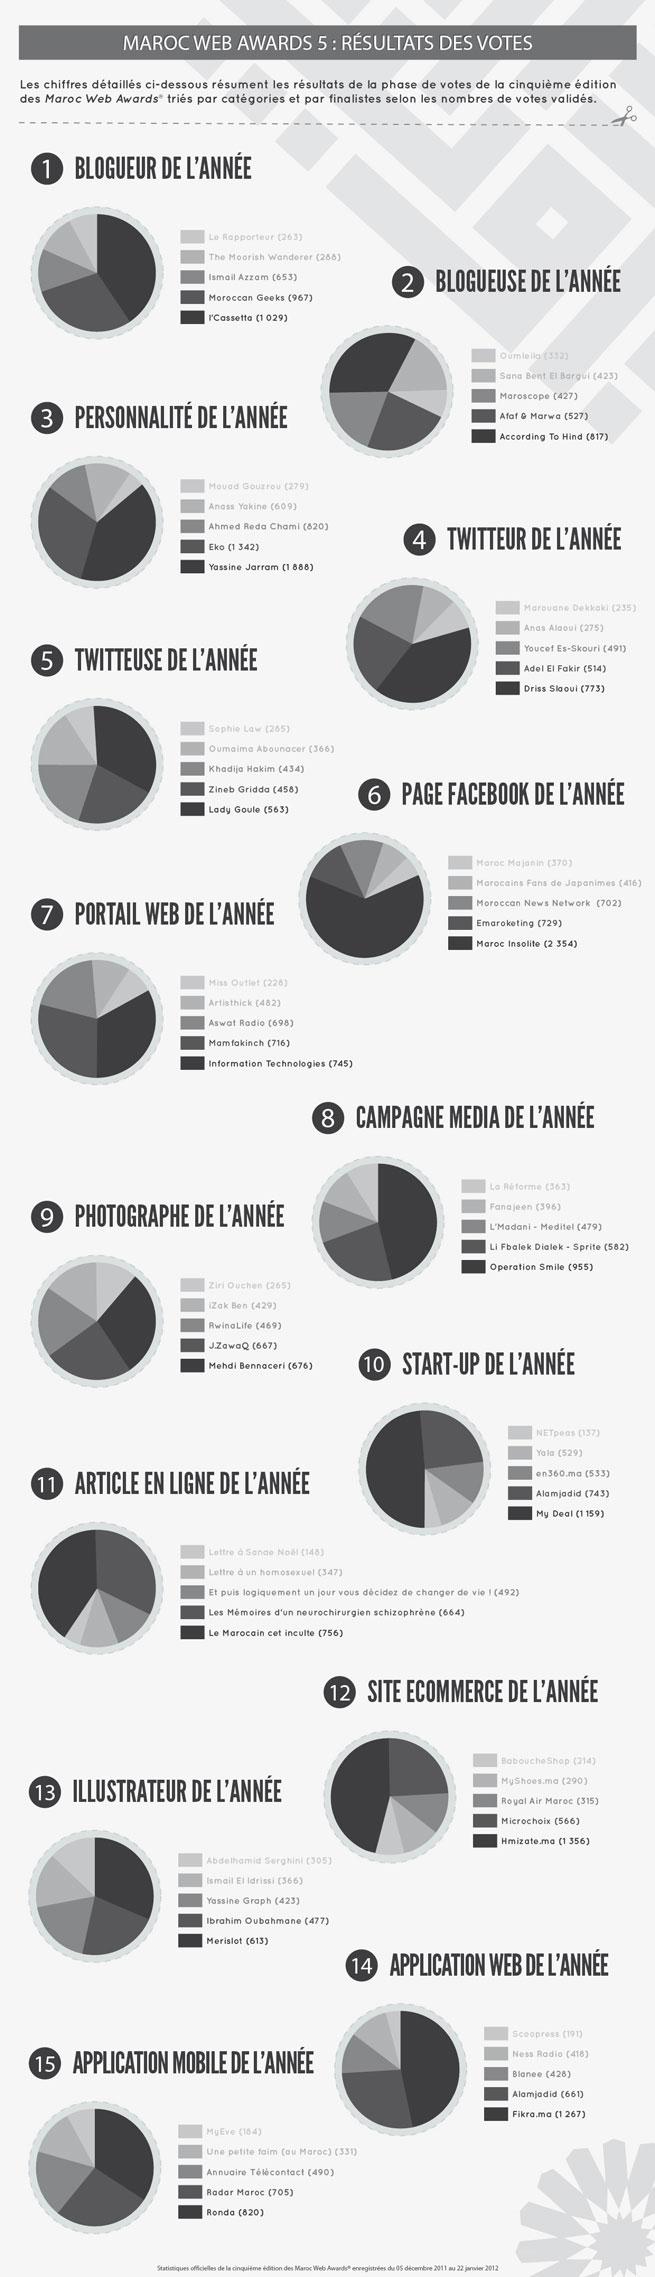 Maroc Web Awards 5 : Les résultats des votes